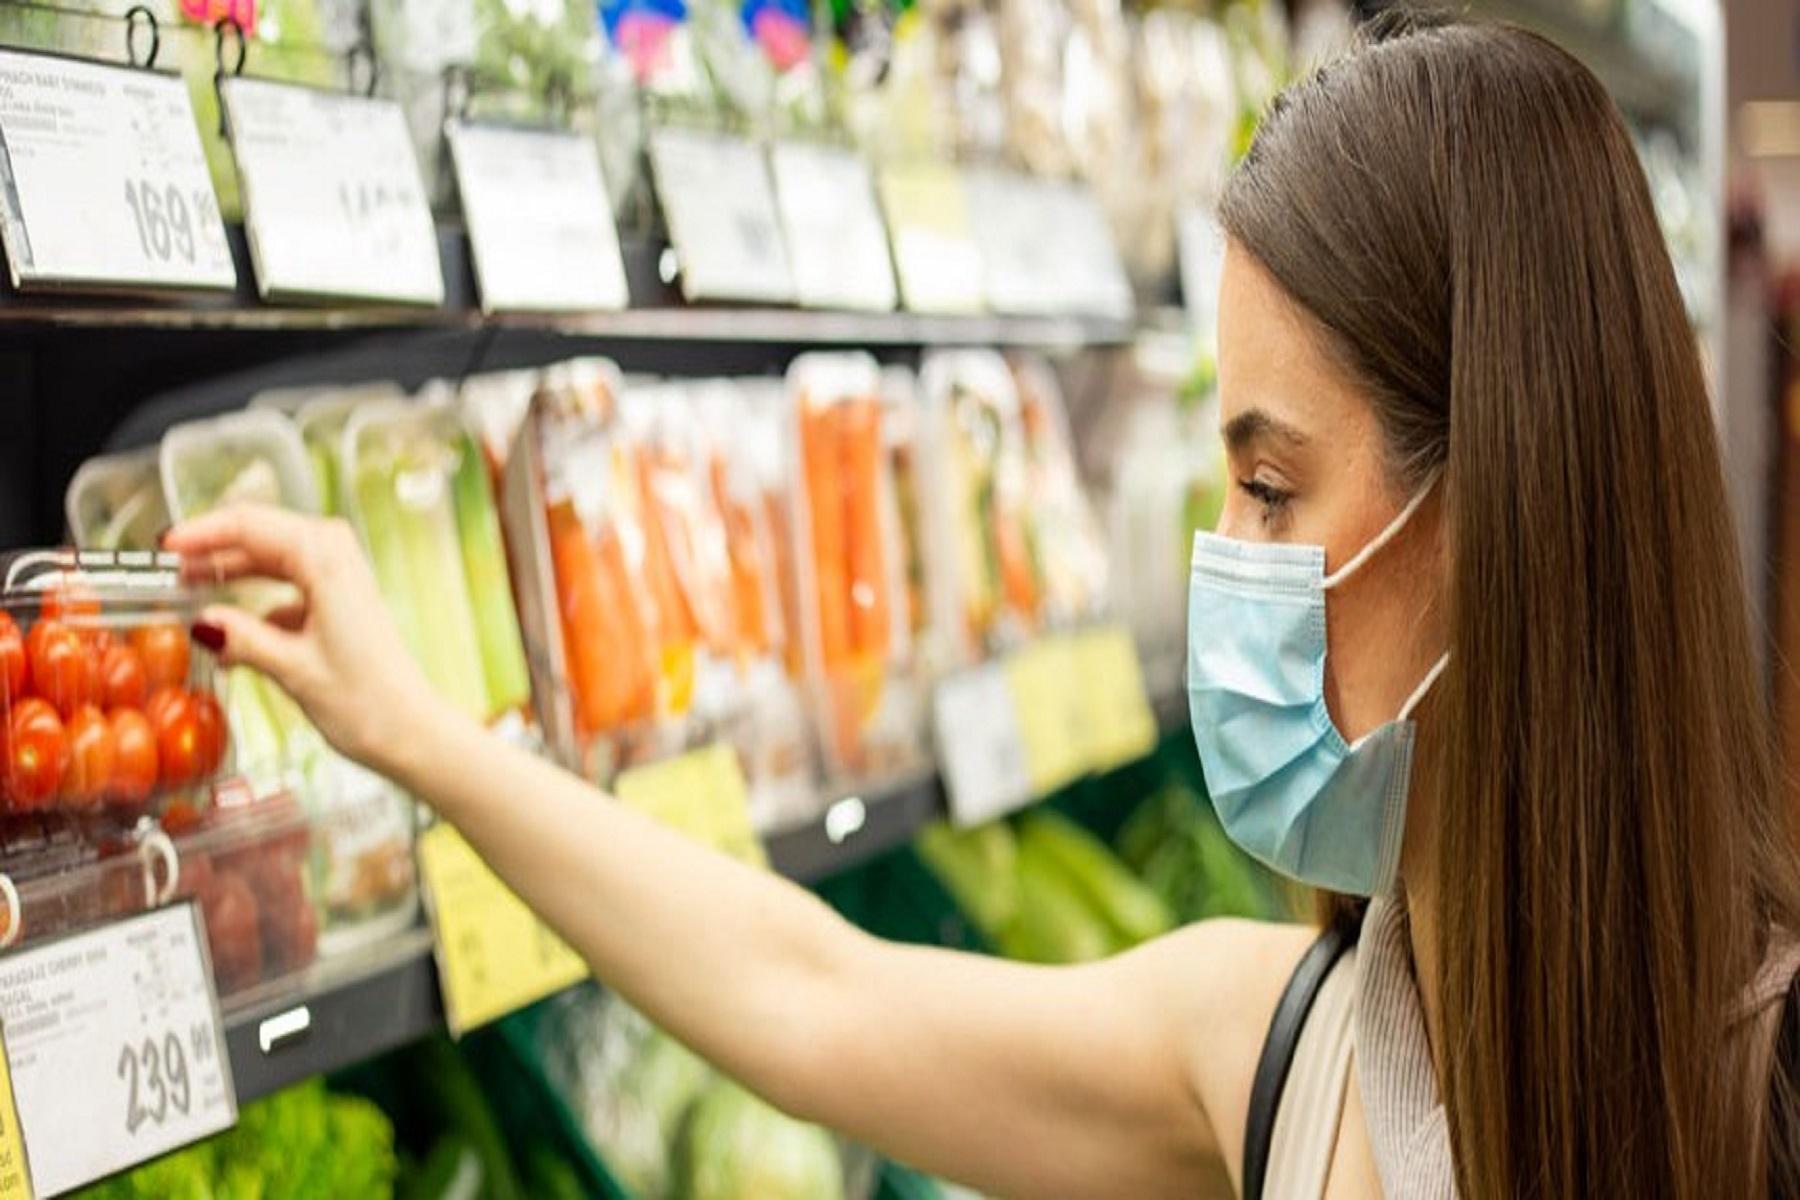 Μελέτες Επισημάνσεις: Η φυτική διατροφή μπορεί να μειώσει τον κίνδυνο σοβαρής covid -19